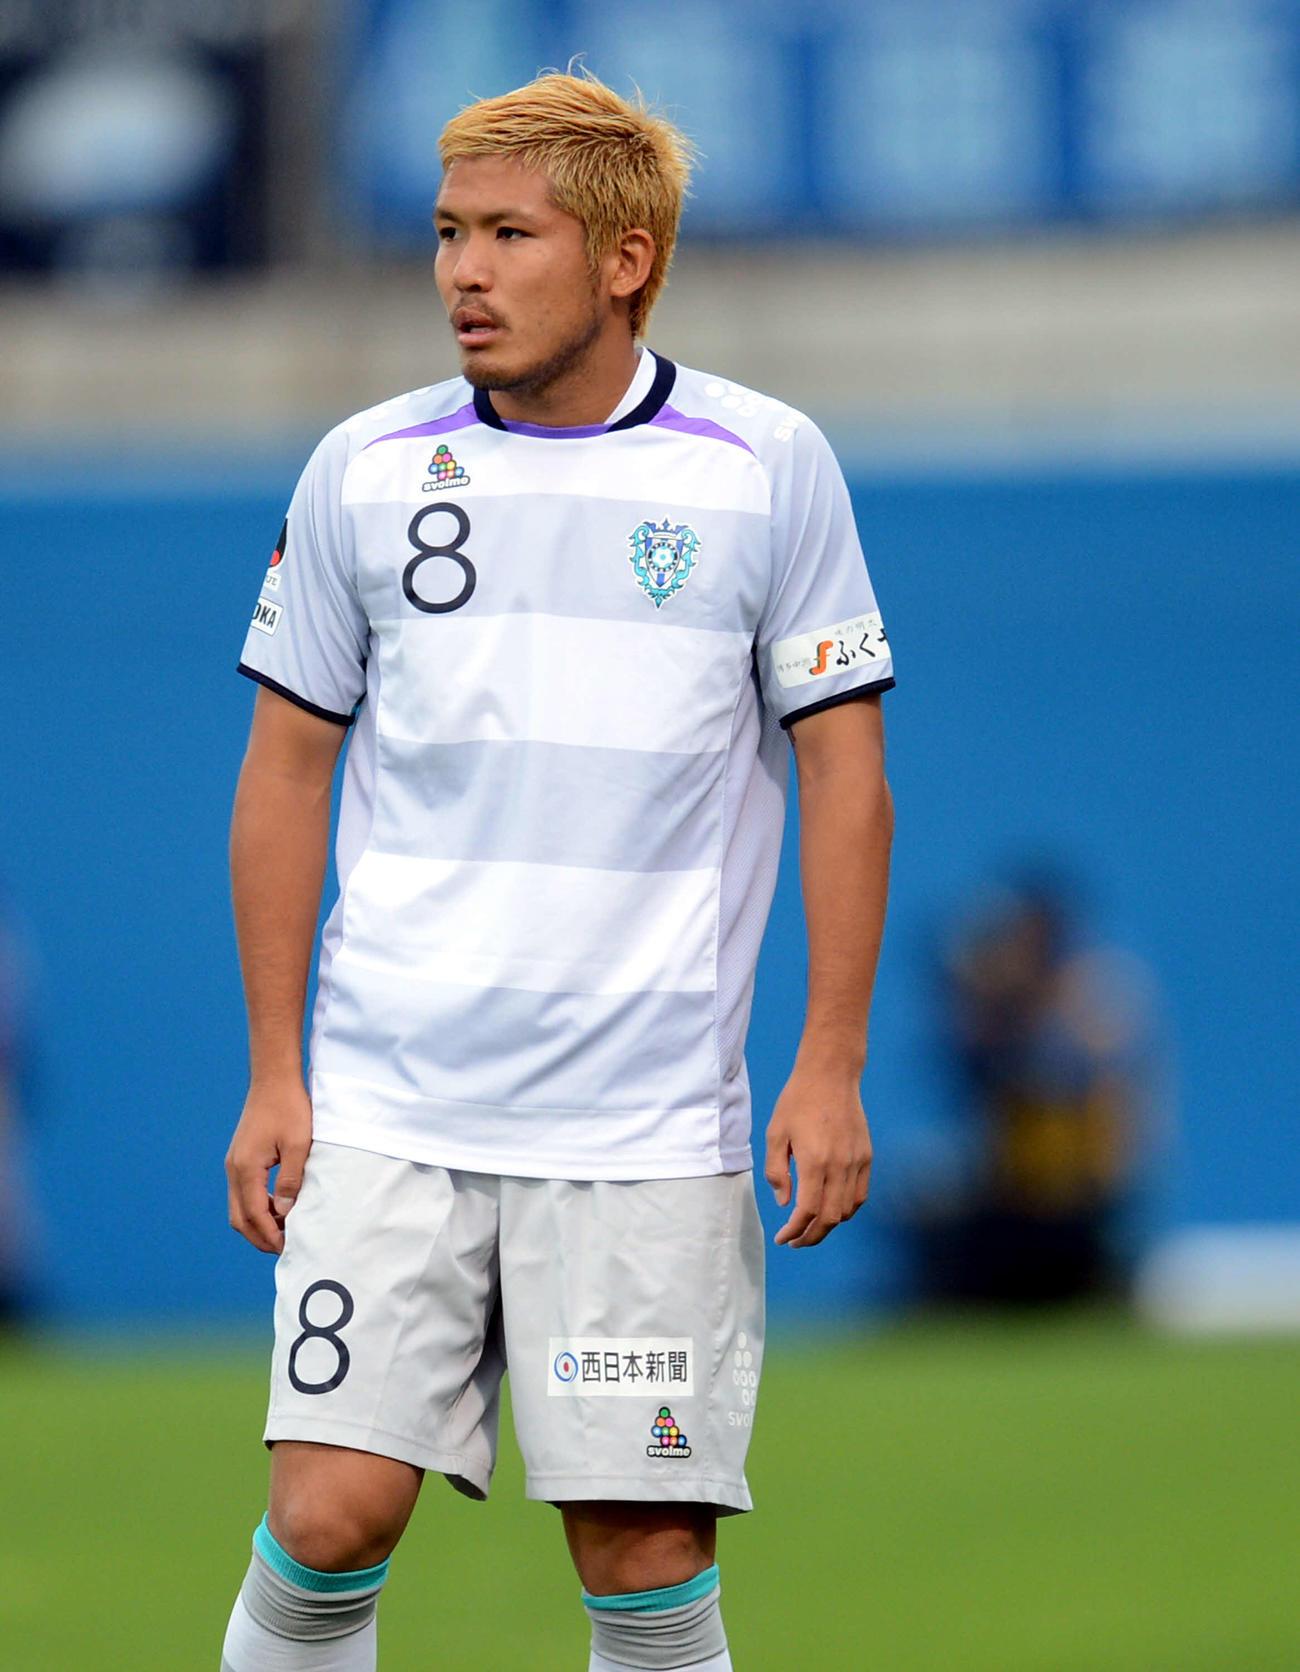 福岡MF鈴木惇(2012年6月24日撮影)